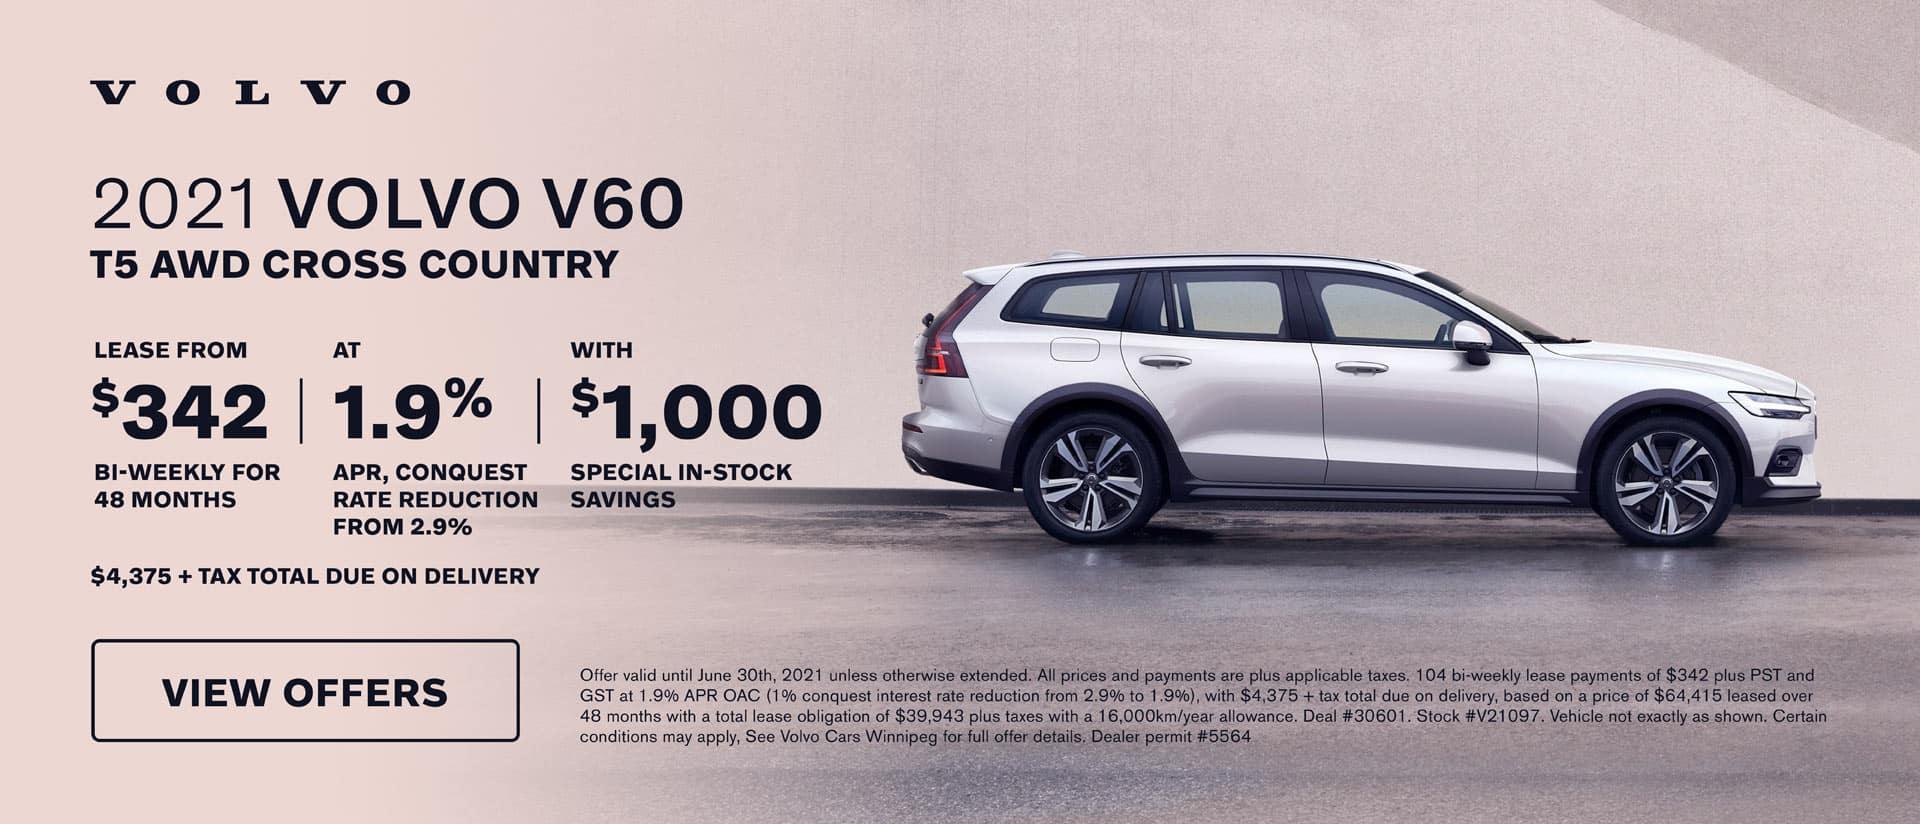 Volvo Cars Winnipeg V60 June Offer